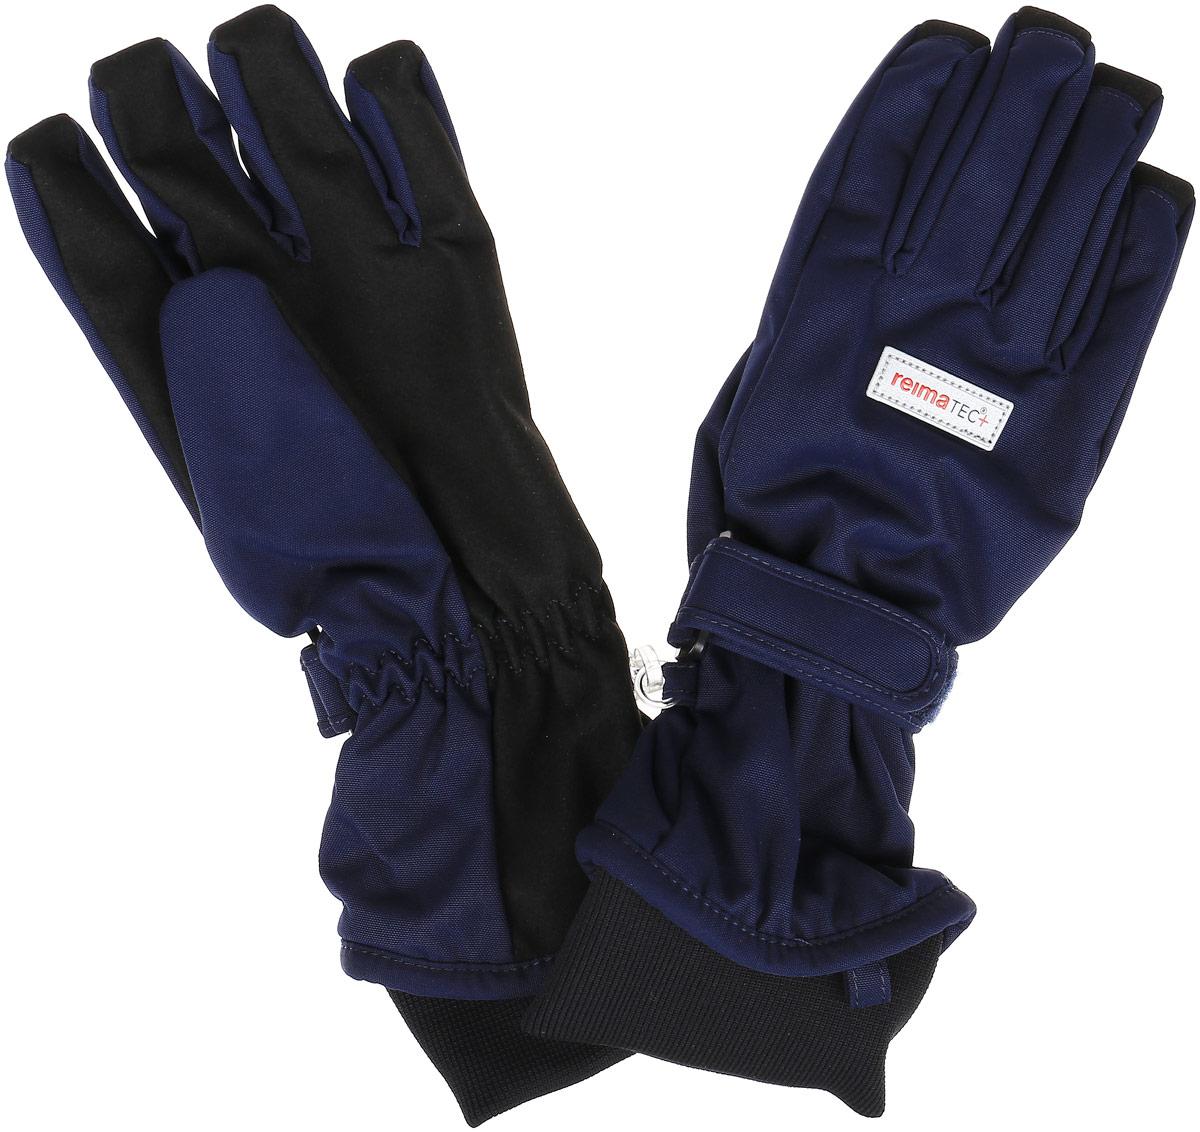 527255_4620Детские перчатки Reima Reima Reimatec+ Pivo станут идеальным вариантом для холодной зимней погоды. На подкладке используется высококачественный полиэстер, который хорошо удерживает тепло. Для большего удобства на запястьях перчатки дополнены хлястиками на липучках с внешней стороны, а на ладошках, кончиках пальцев и с внутренней стороны большого пальца - усиленными водонепроницаемыми вставками Hipora. Теплая флисовая подкладка дарит коже ощущение комфорта и уюта. С внешней стороны перчатки оформлены светоотражающими нашивками с логотипом бренда. Перчатки станут идеальным вариантом для прохладной погоды, в них ребенку будет тепло и комфортно. Водонепроницаемость: Waterpillar over 10 000 mm